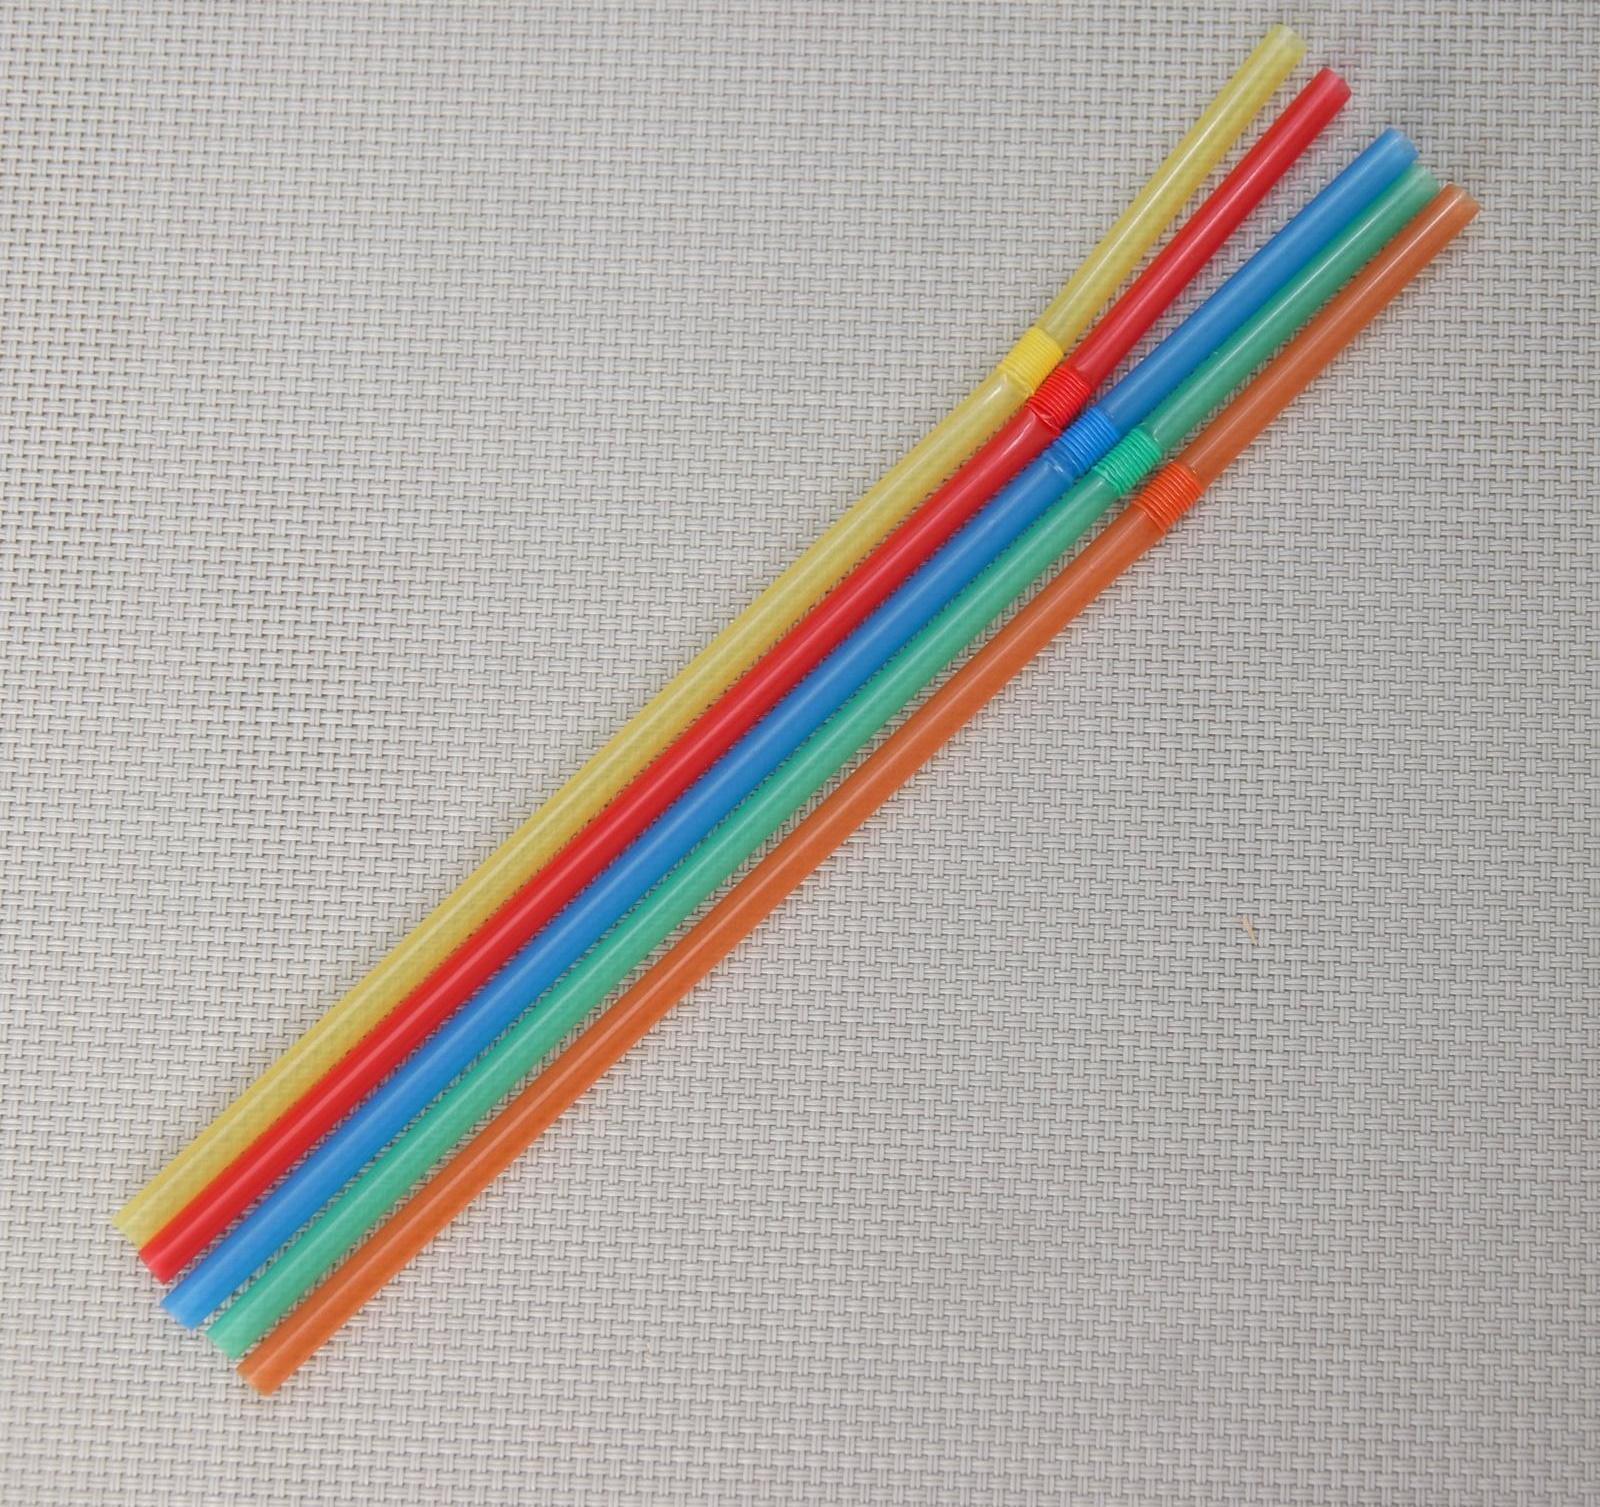 Трубочки для коктейля 5*210 мм, 45 шт